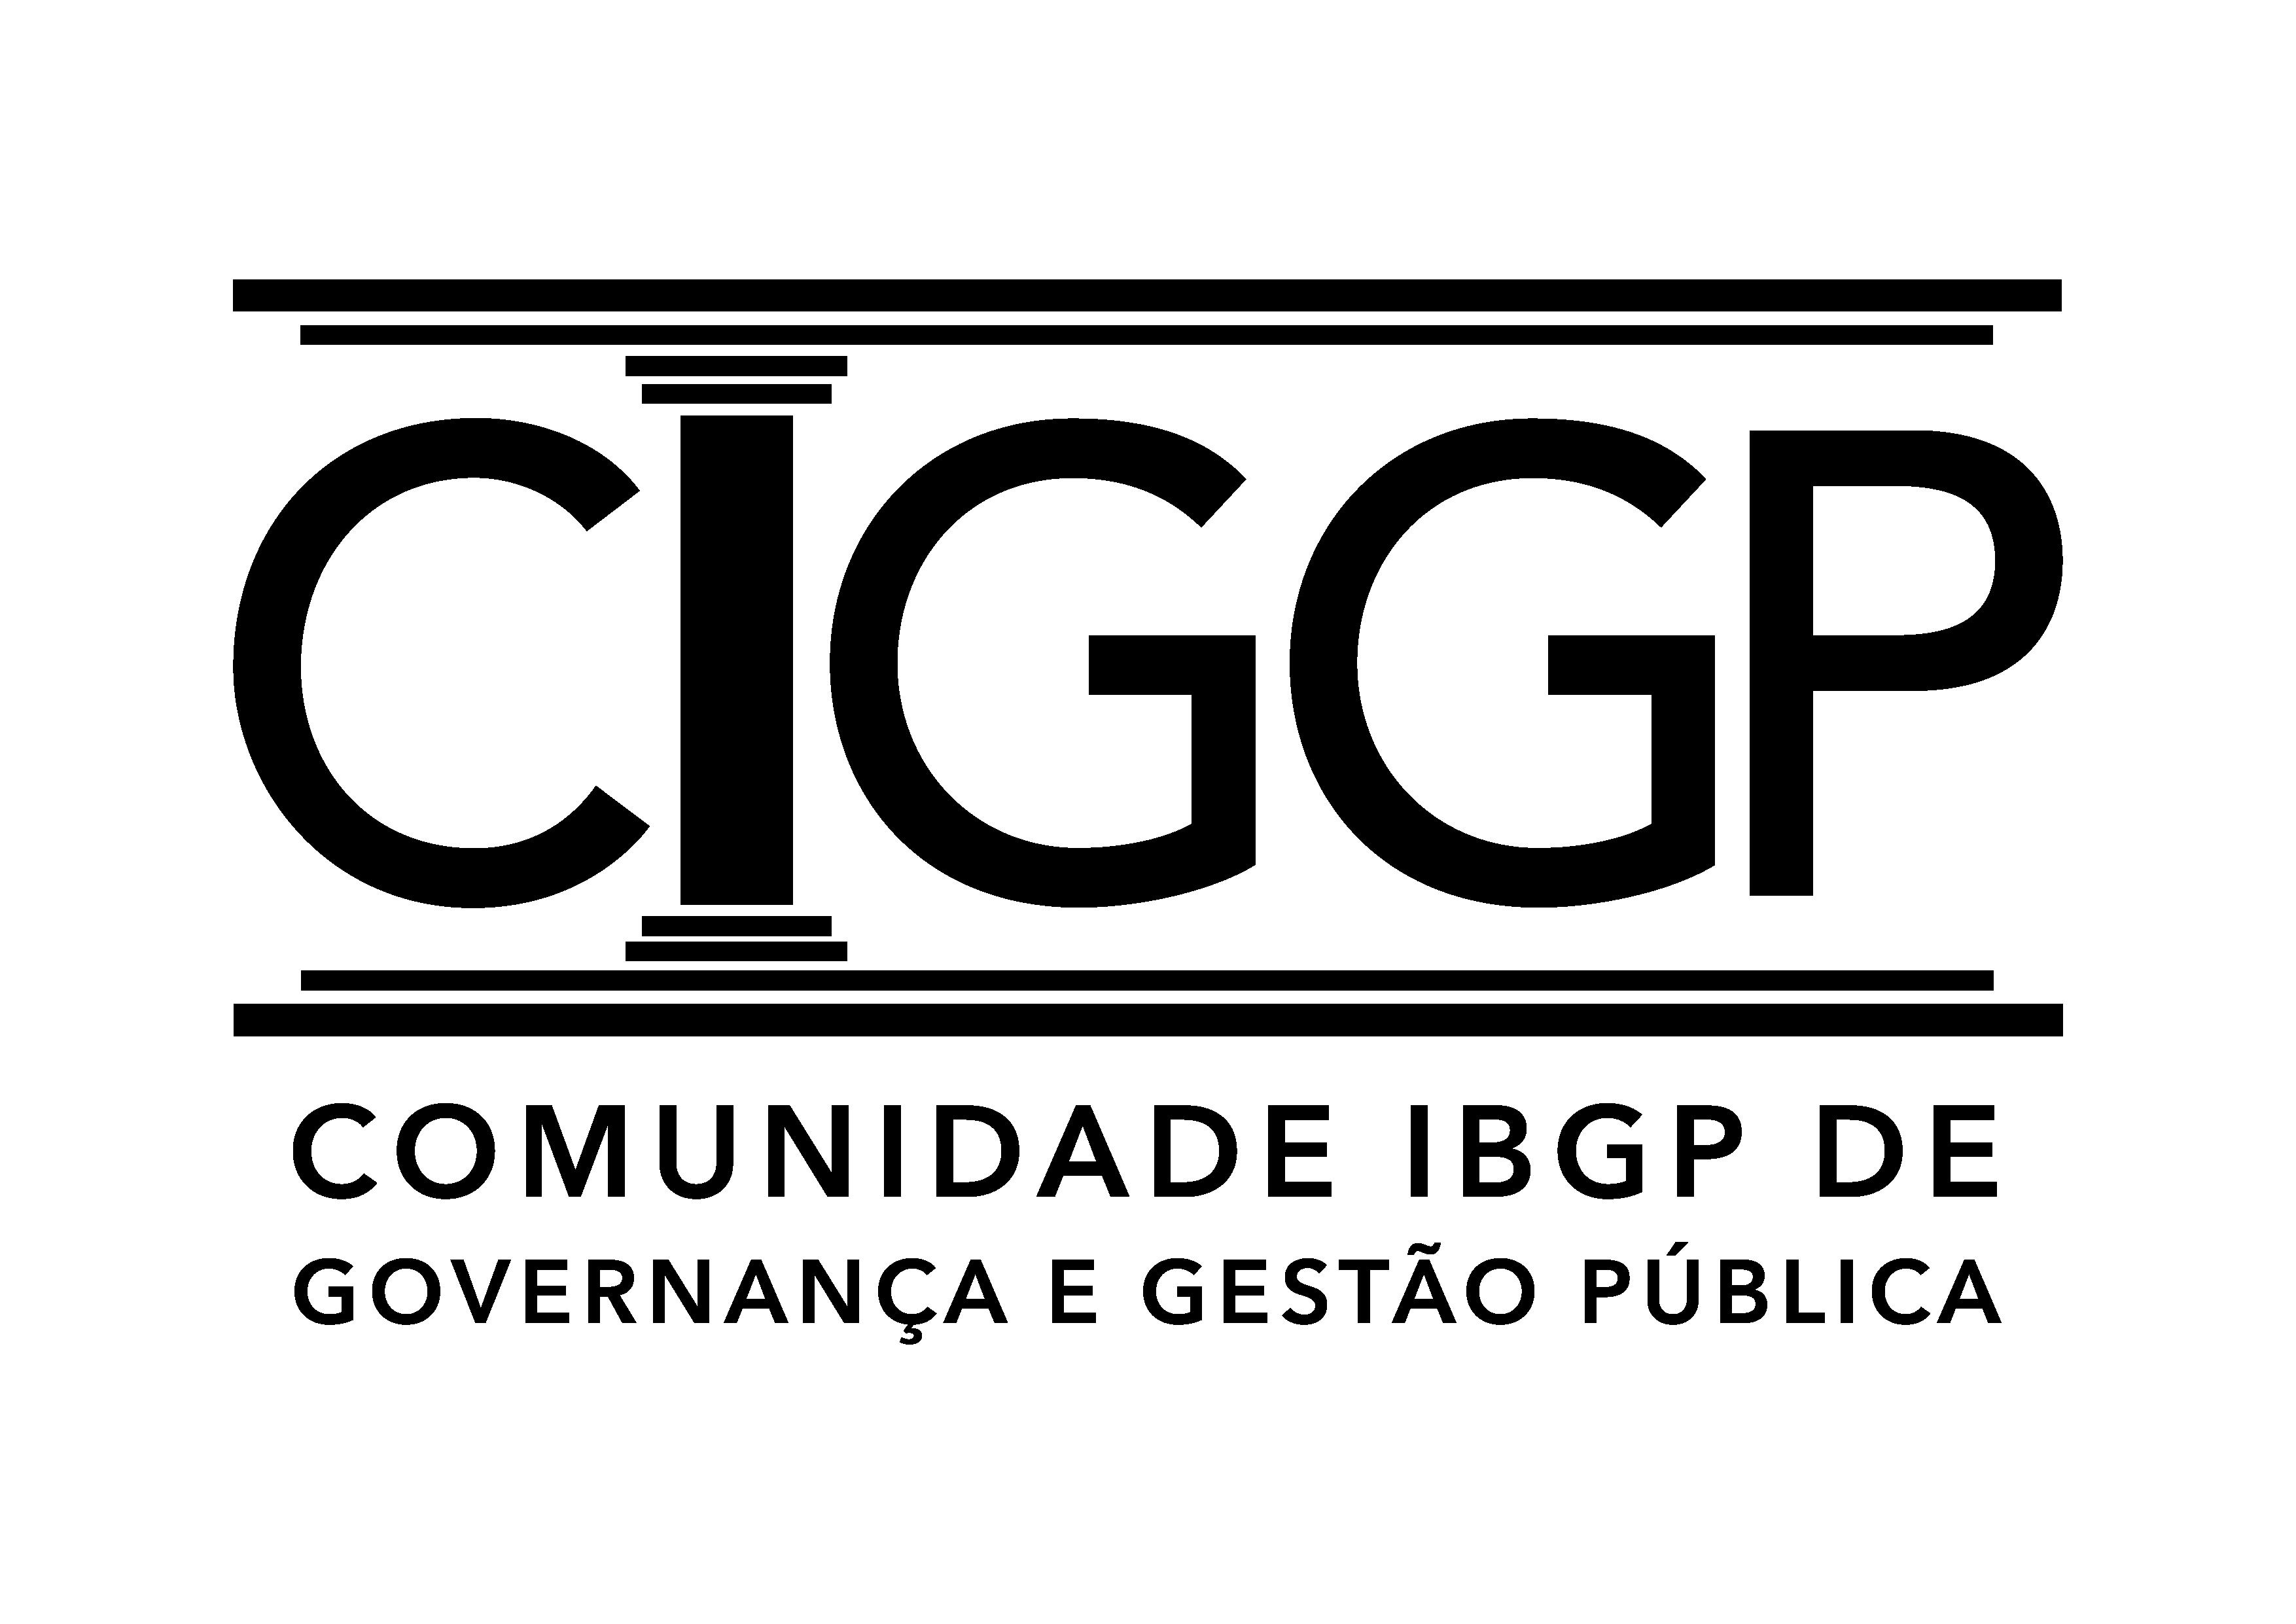 CIGGP_monocromia - 60%_monocromia - preto